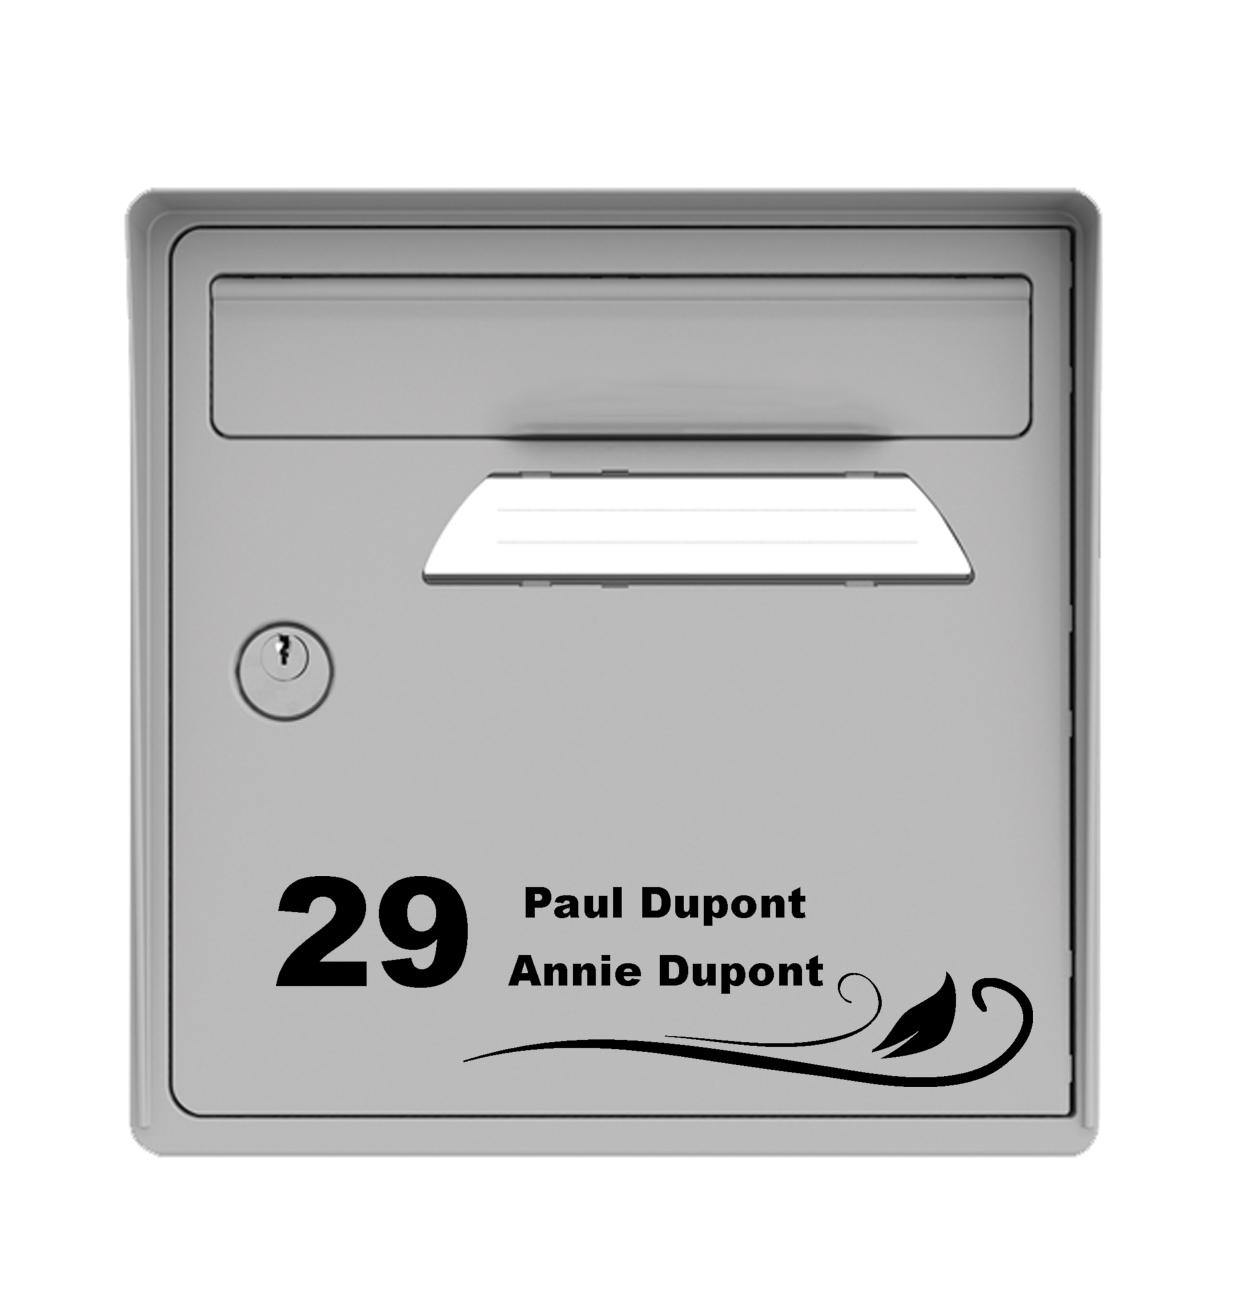 Sticker de d coratif de boite aux lettres avec 2 noms pr noms ainsi que le num ro de rue - Stickers boite aux lettres ...